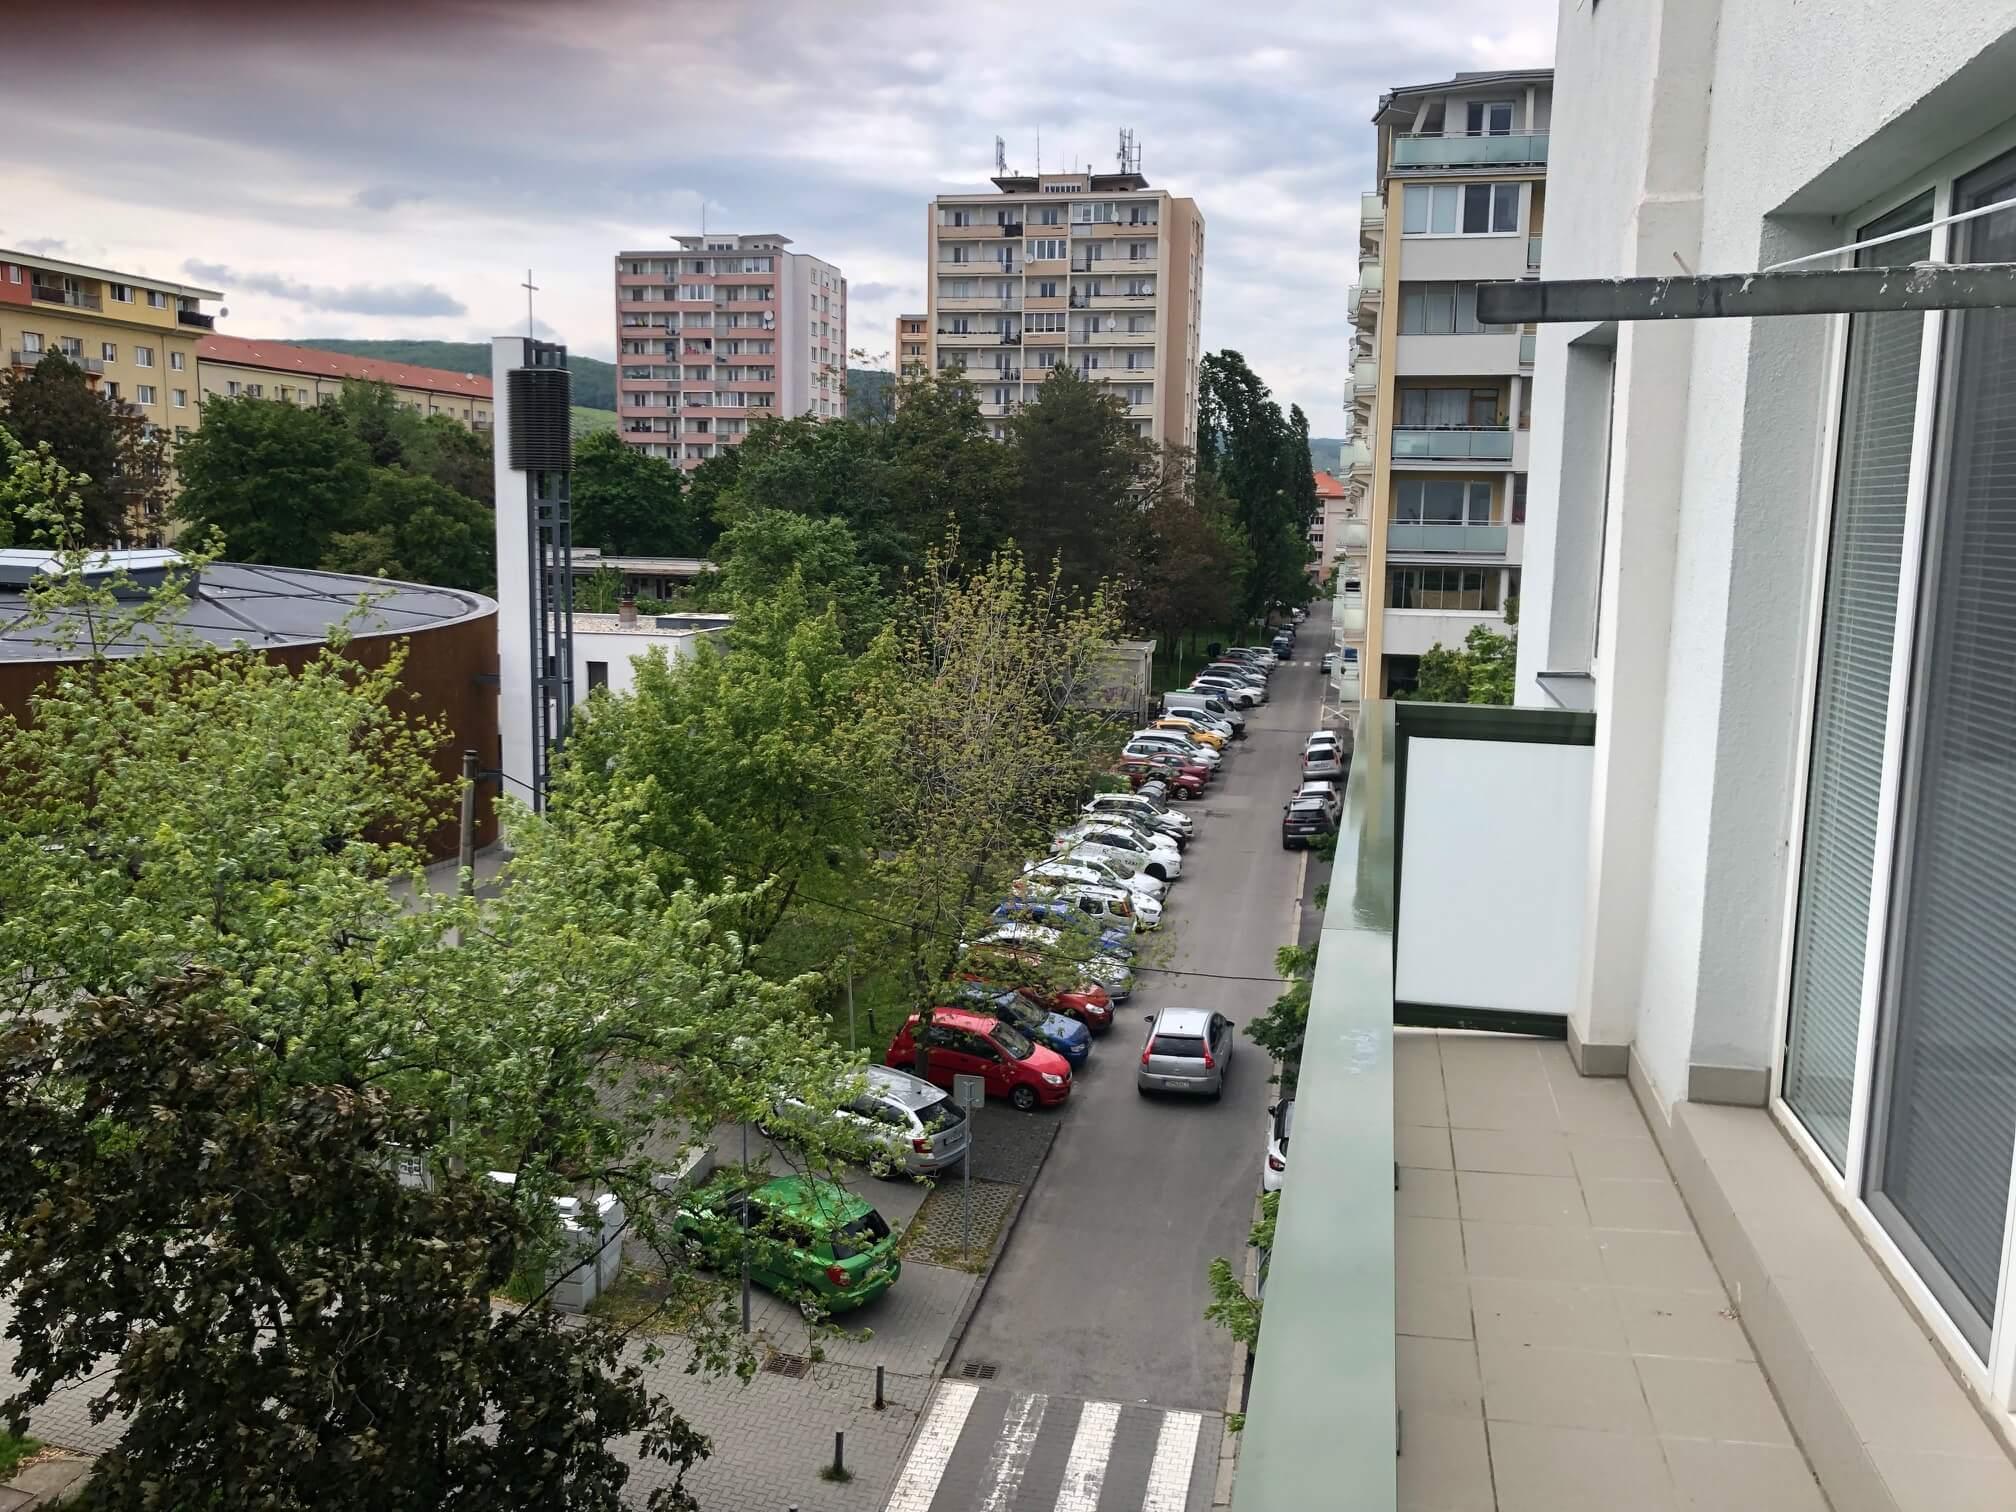 Prenajatý: 3 izbový byt, Račianska 85, 63m2, balkon 10m2, výborná lokalita-45